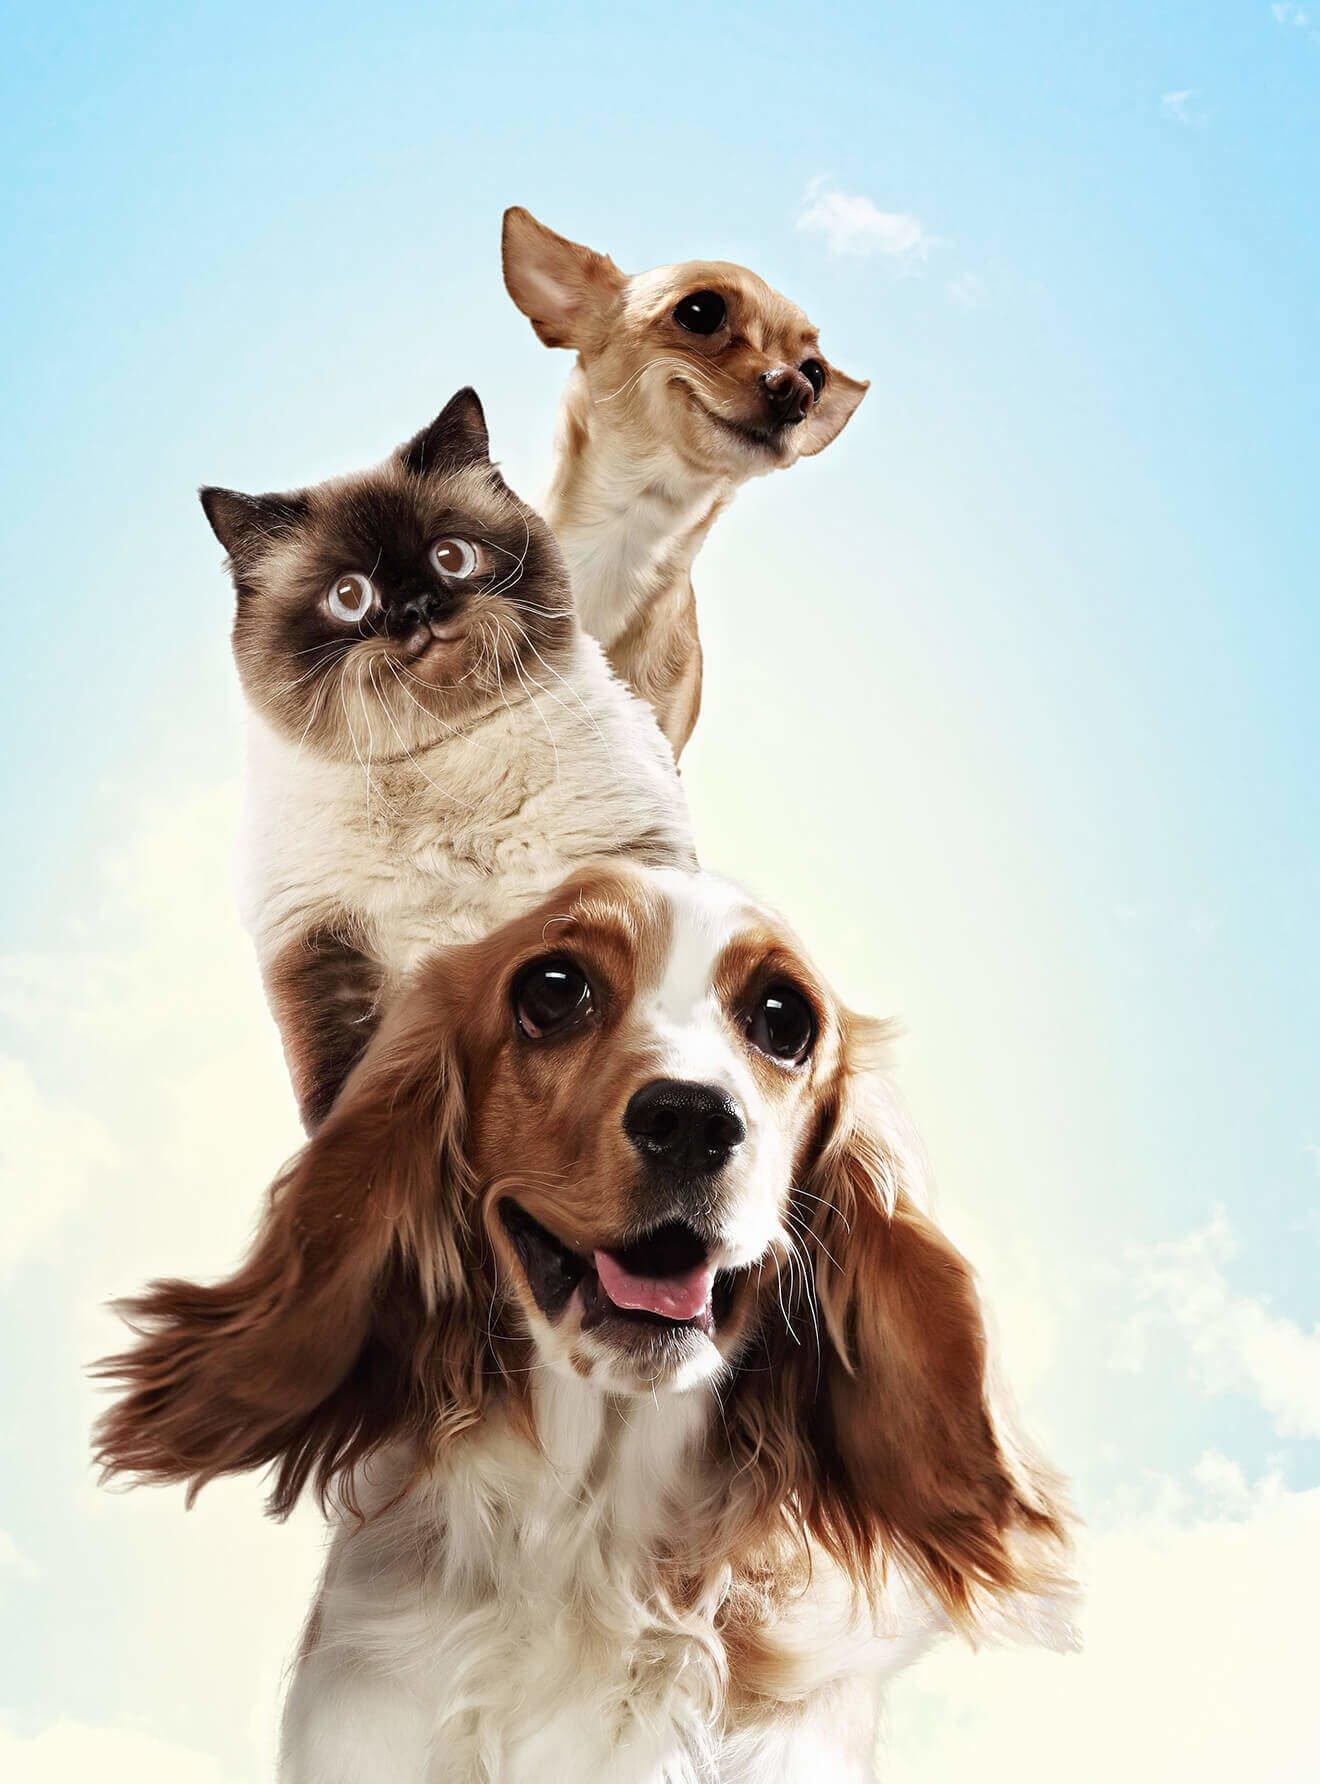 torre de perros y gato sobre cielo azul